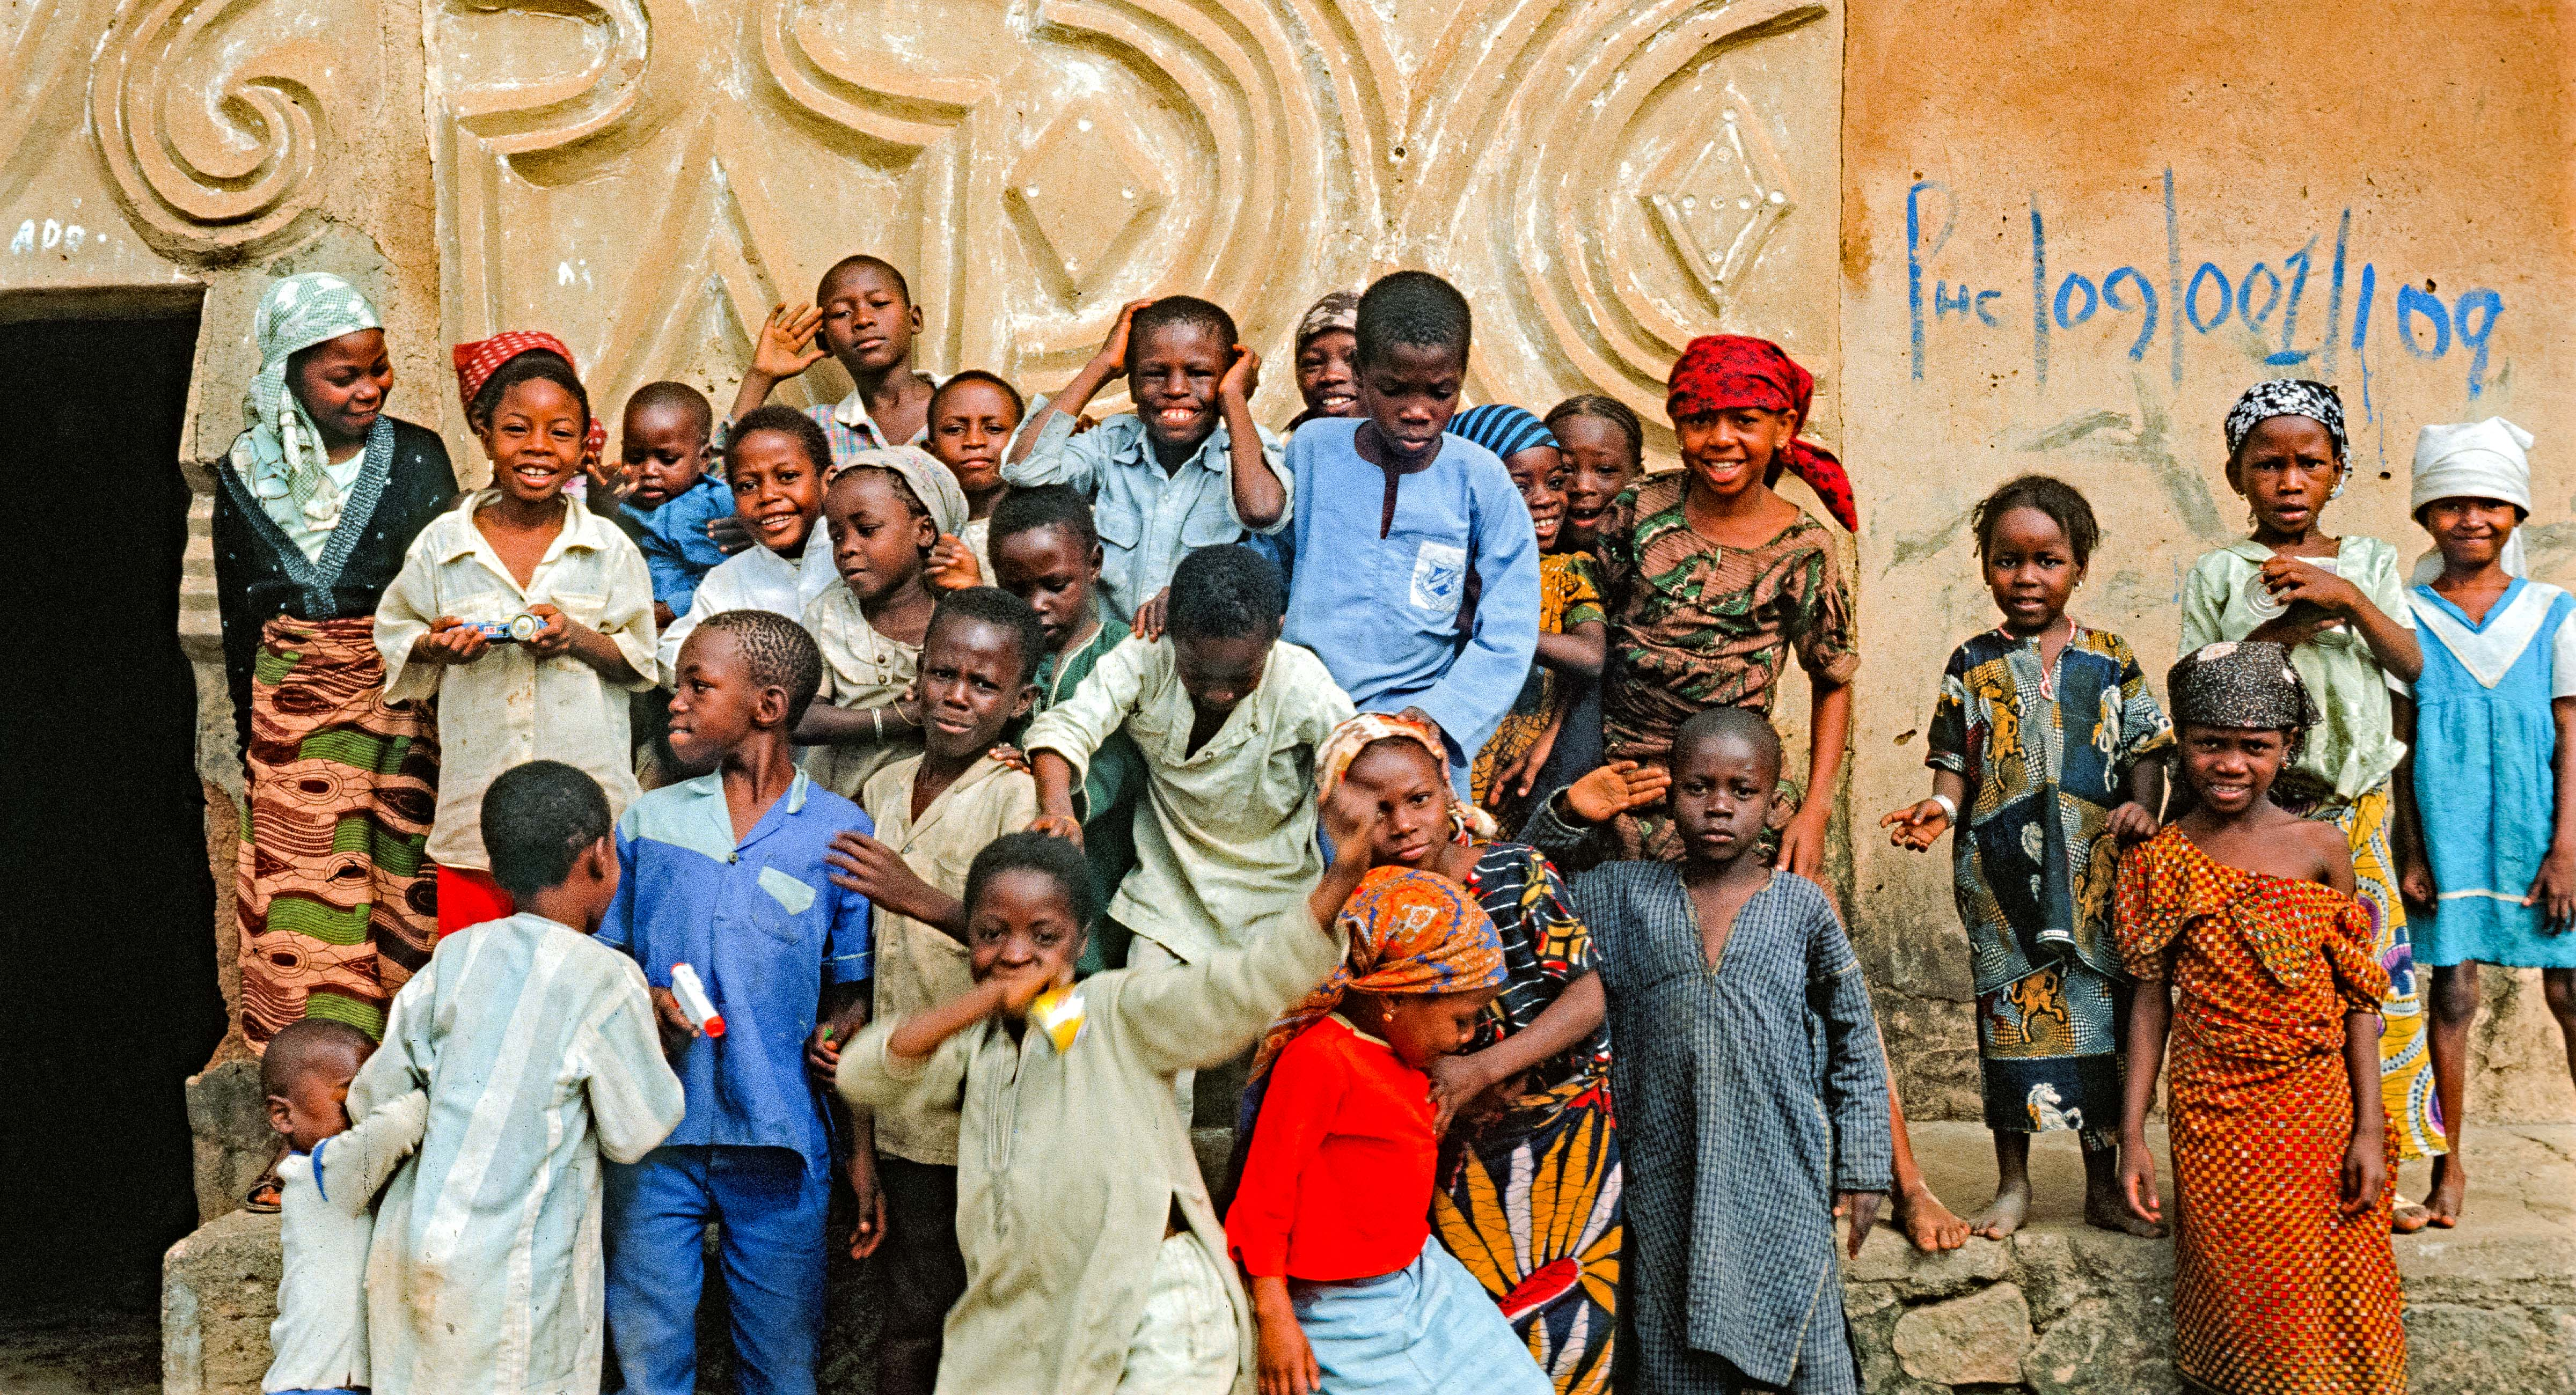 Nigeria, Children against Contoured Wall, 1990